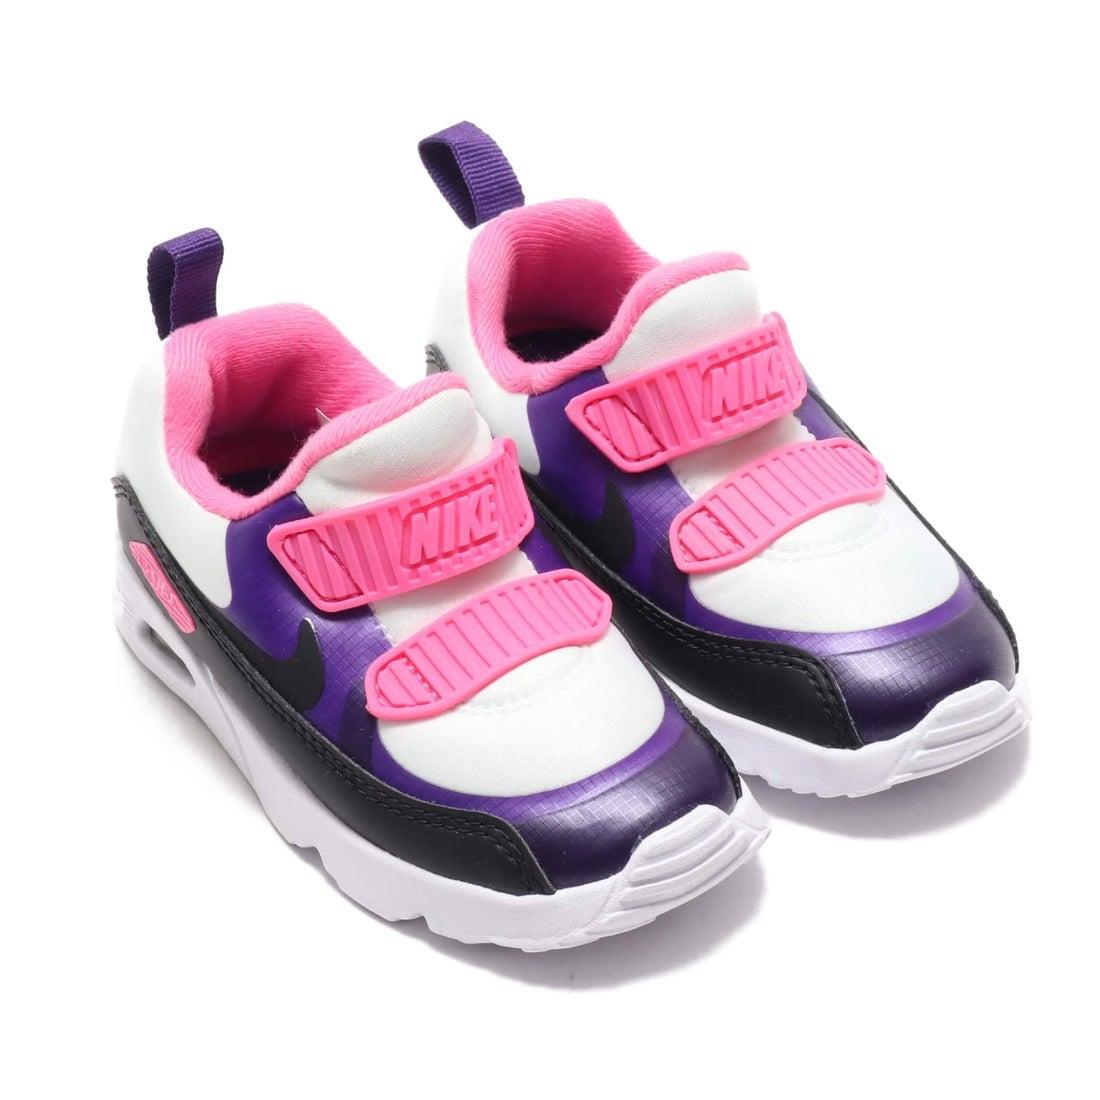 ロコンド 靴とファッションの通販サイトナイキ NIKE NIKE AIR MAX TINY 90 (WHITE)